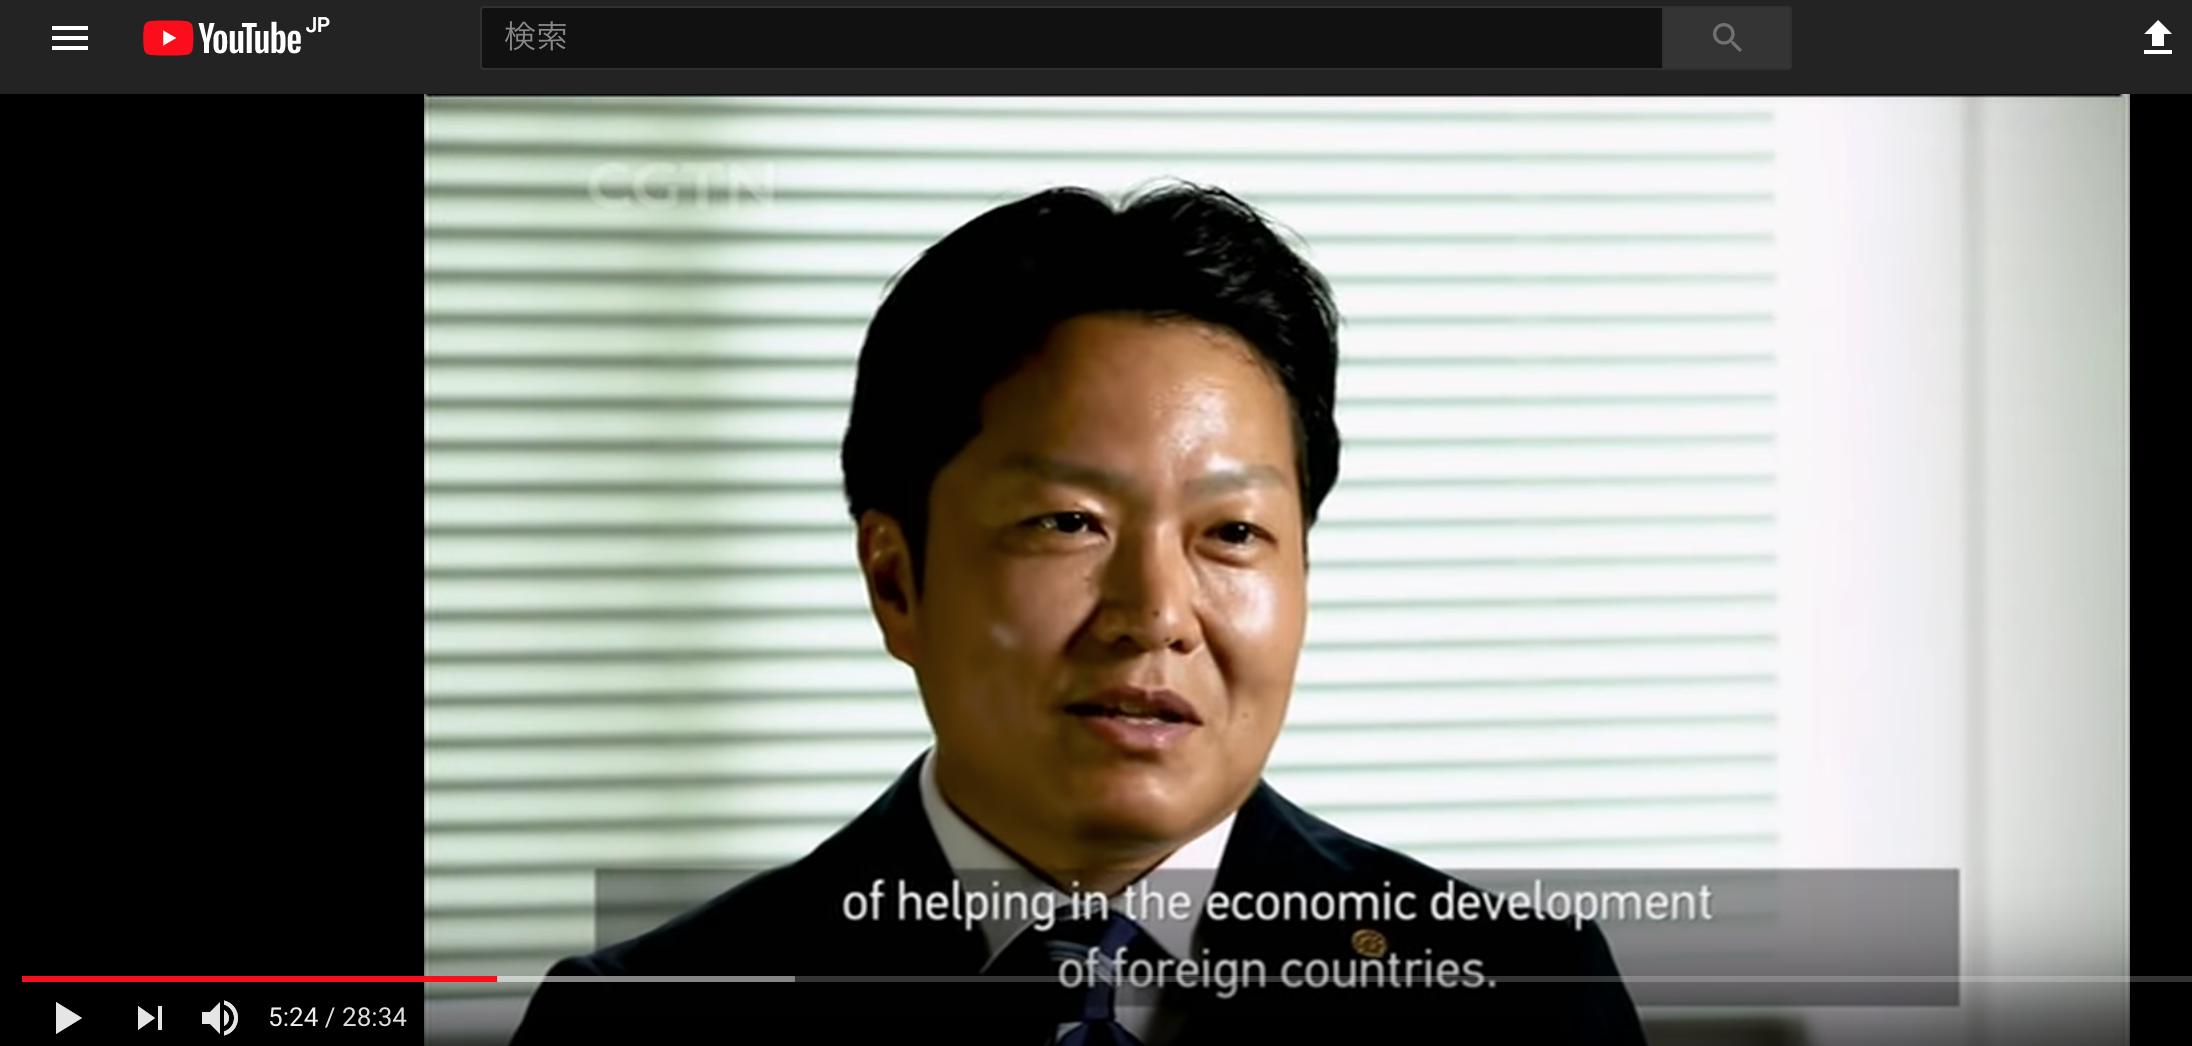 中国国営放送CGTNドキュメンタリーに行政書士阿部隆昭が出演しました!|行政書士阿部総合事務所